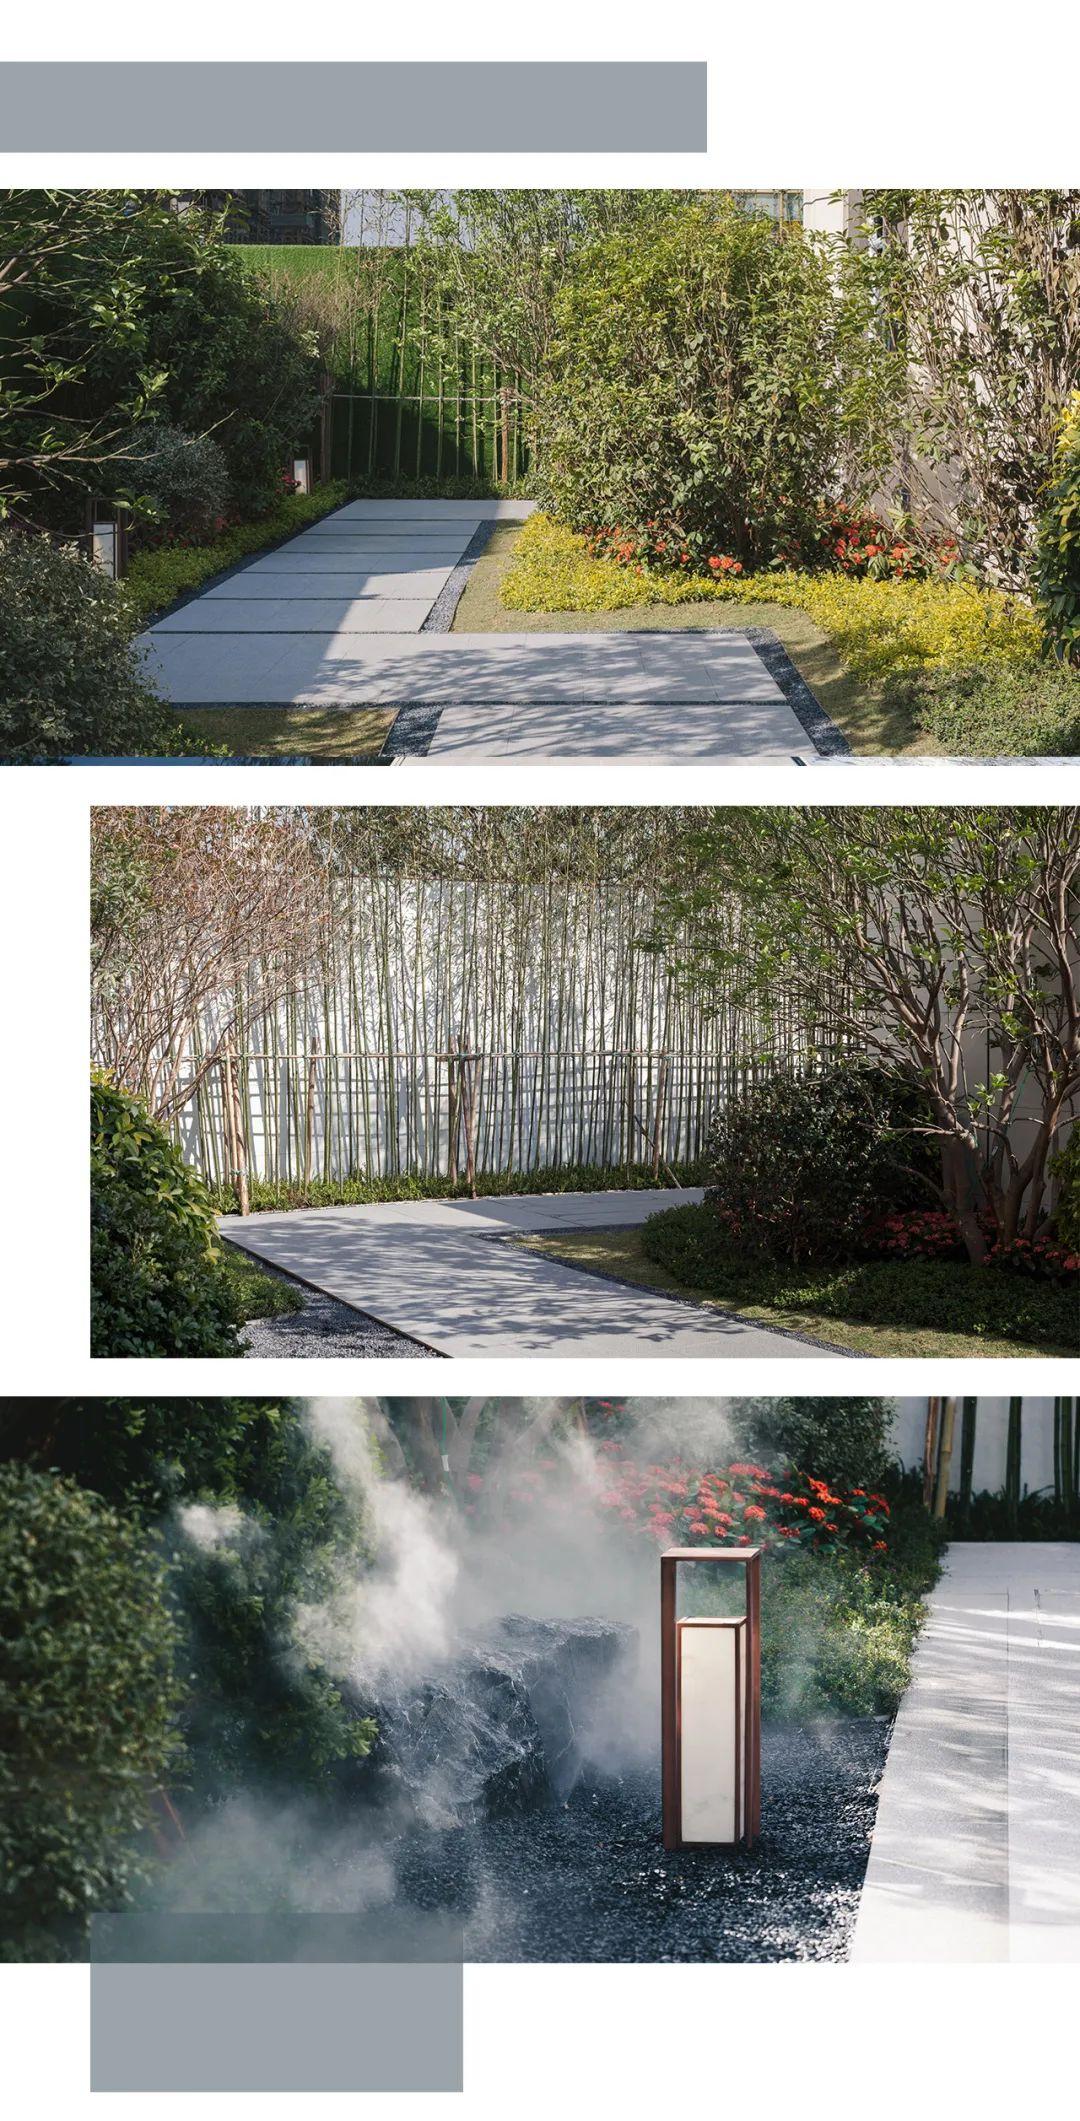 肇庆 华润置地·观山悦园 景观设计 / SED新西林景观